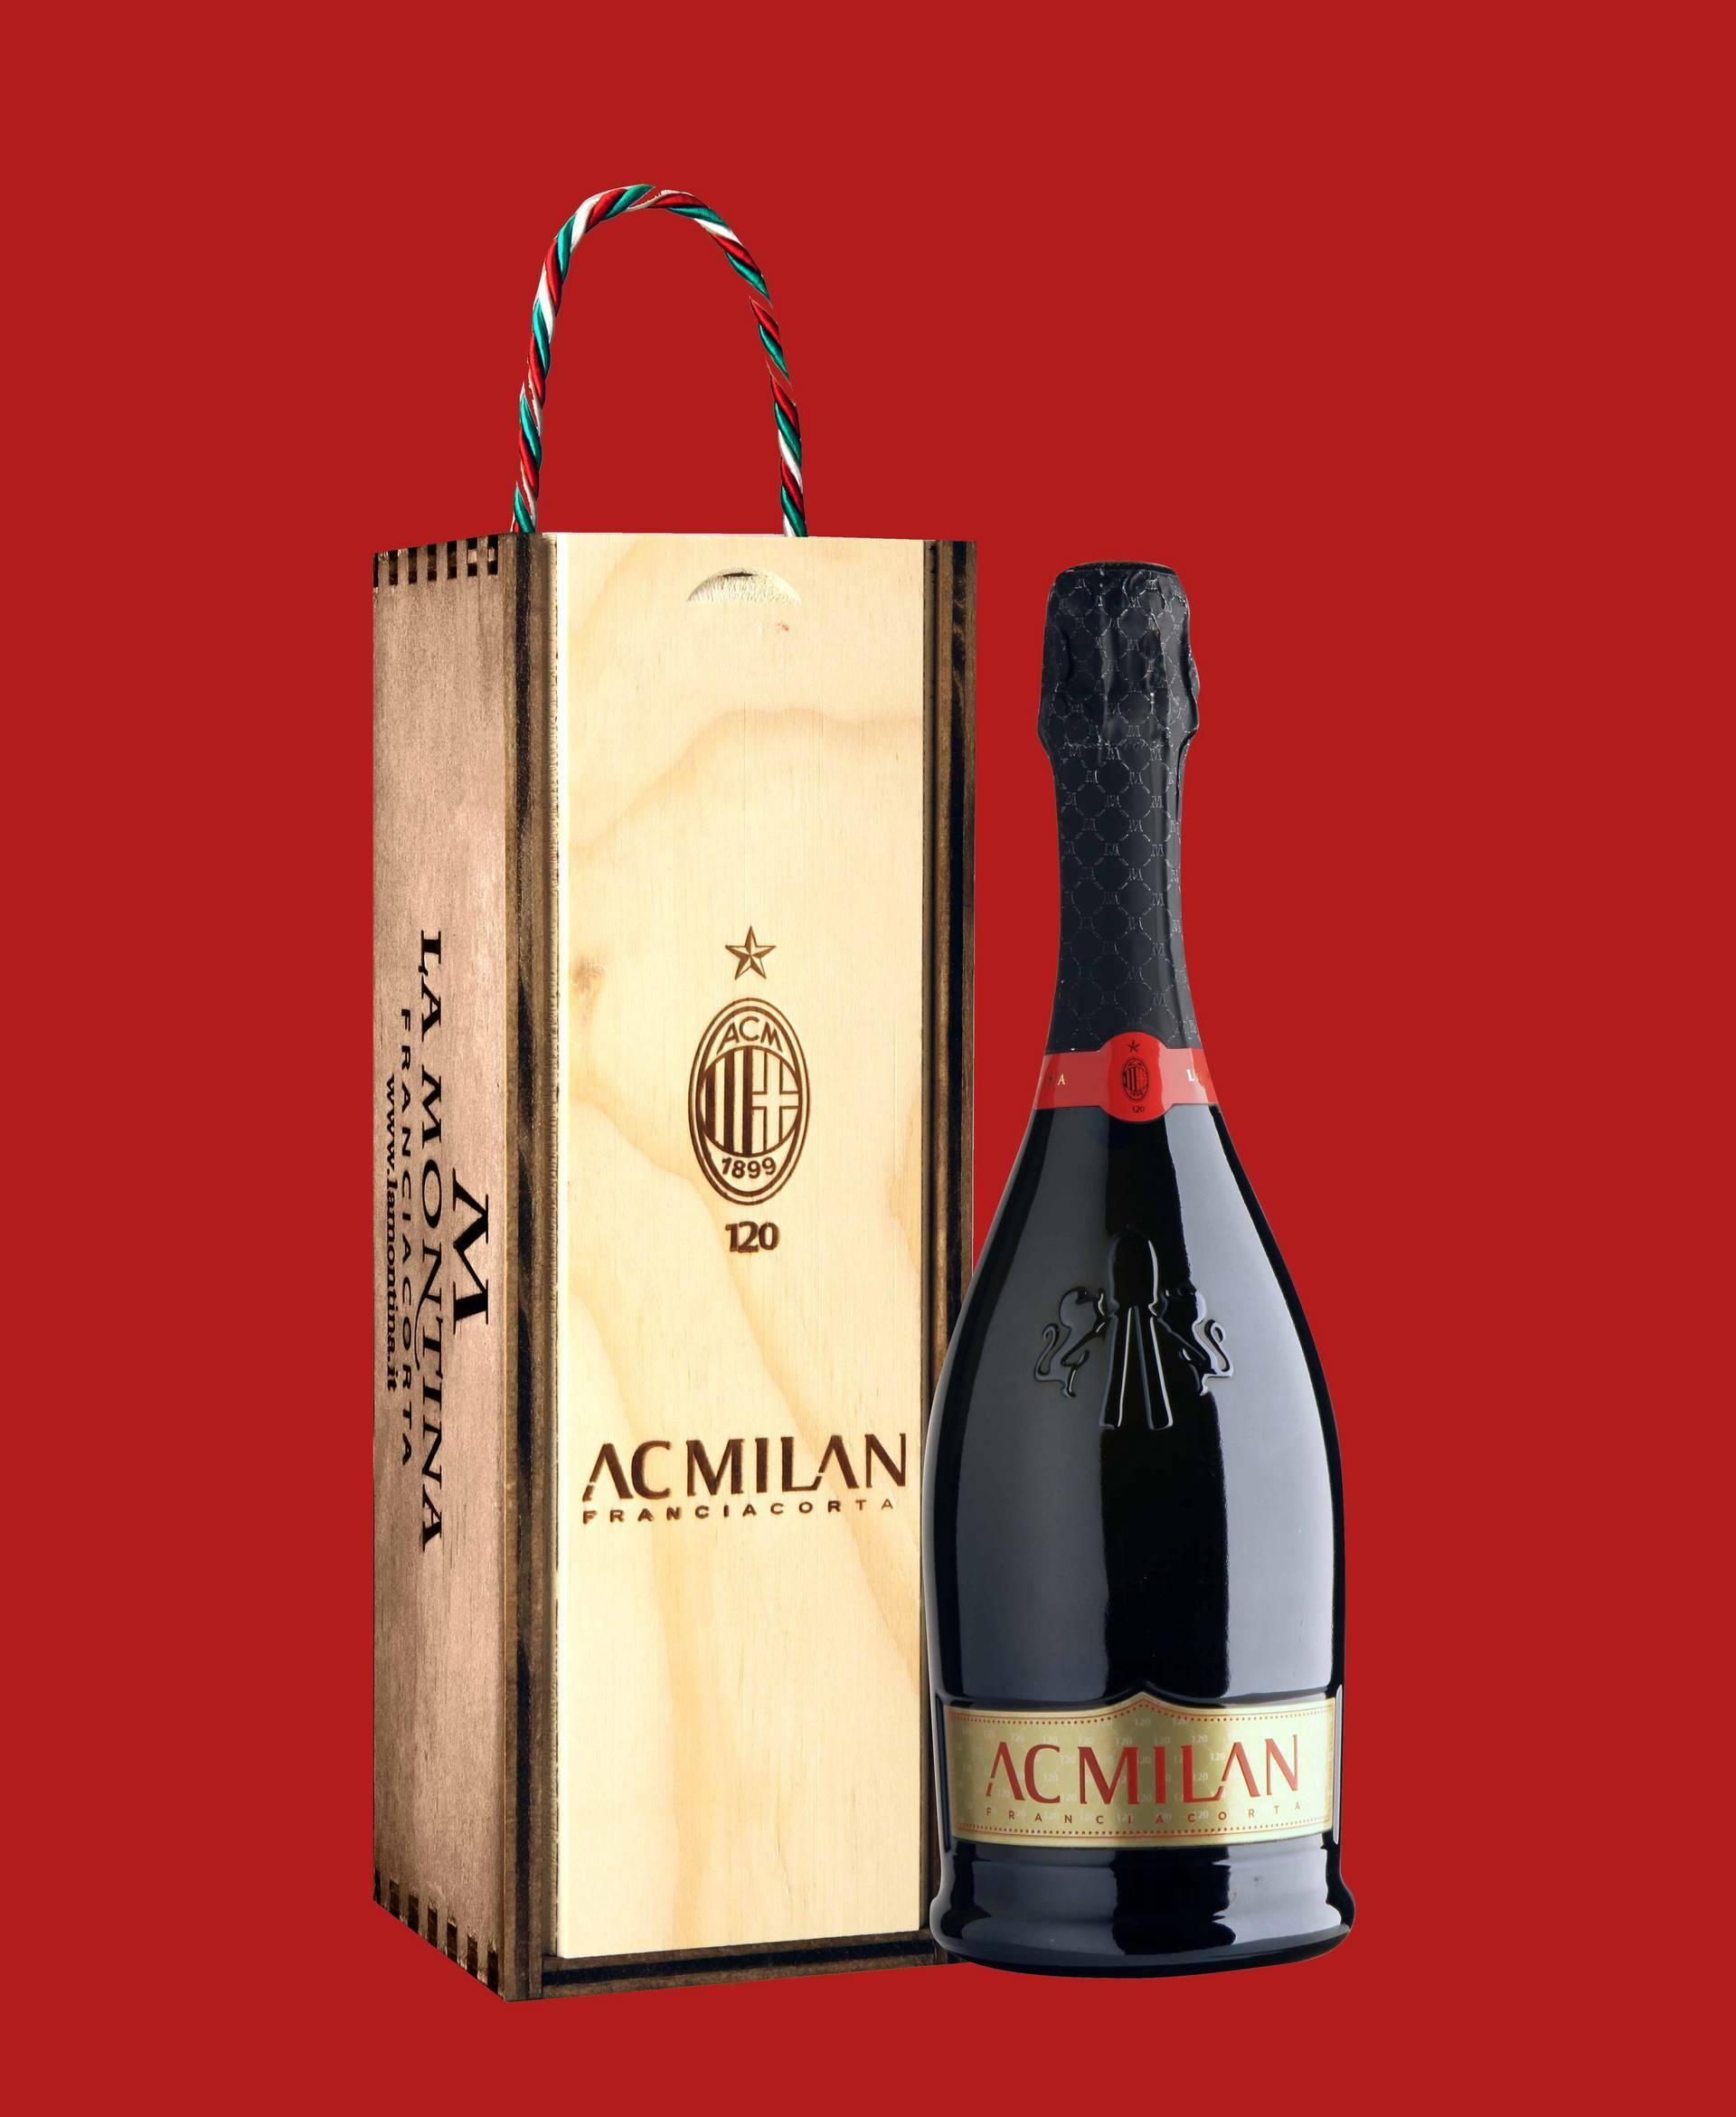 Franciacorta RossoNero anniversario 120° Ac Milan 15070